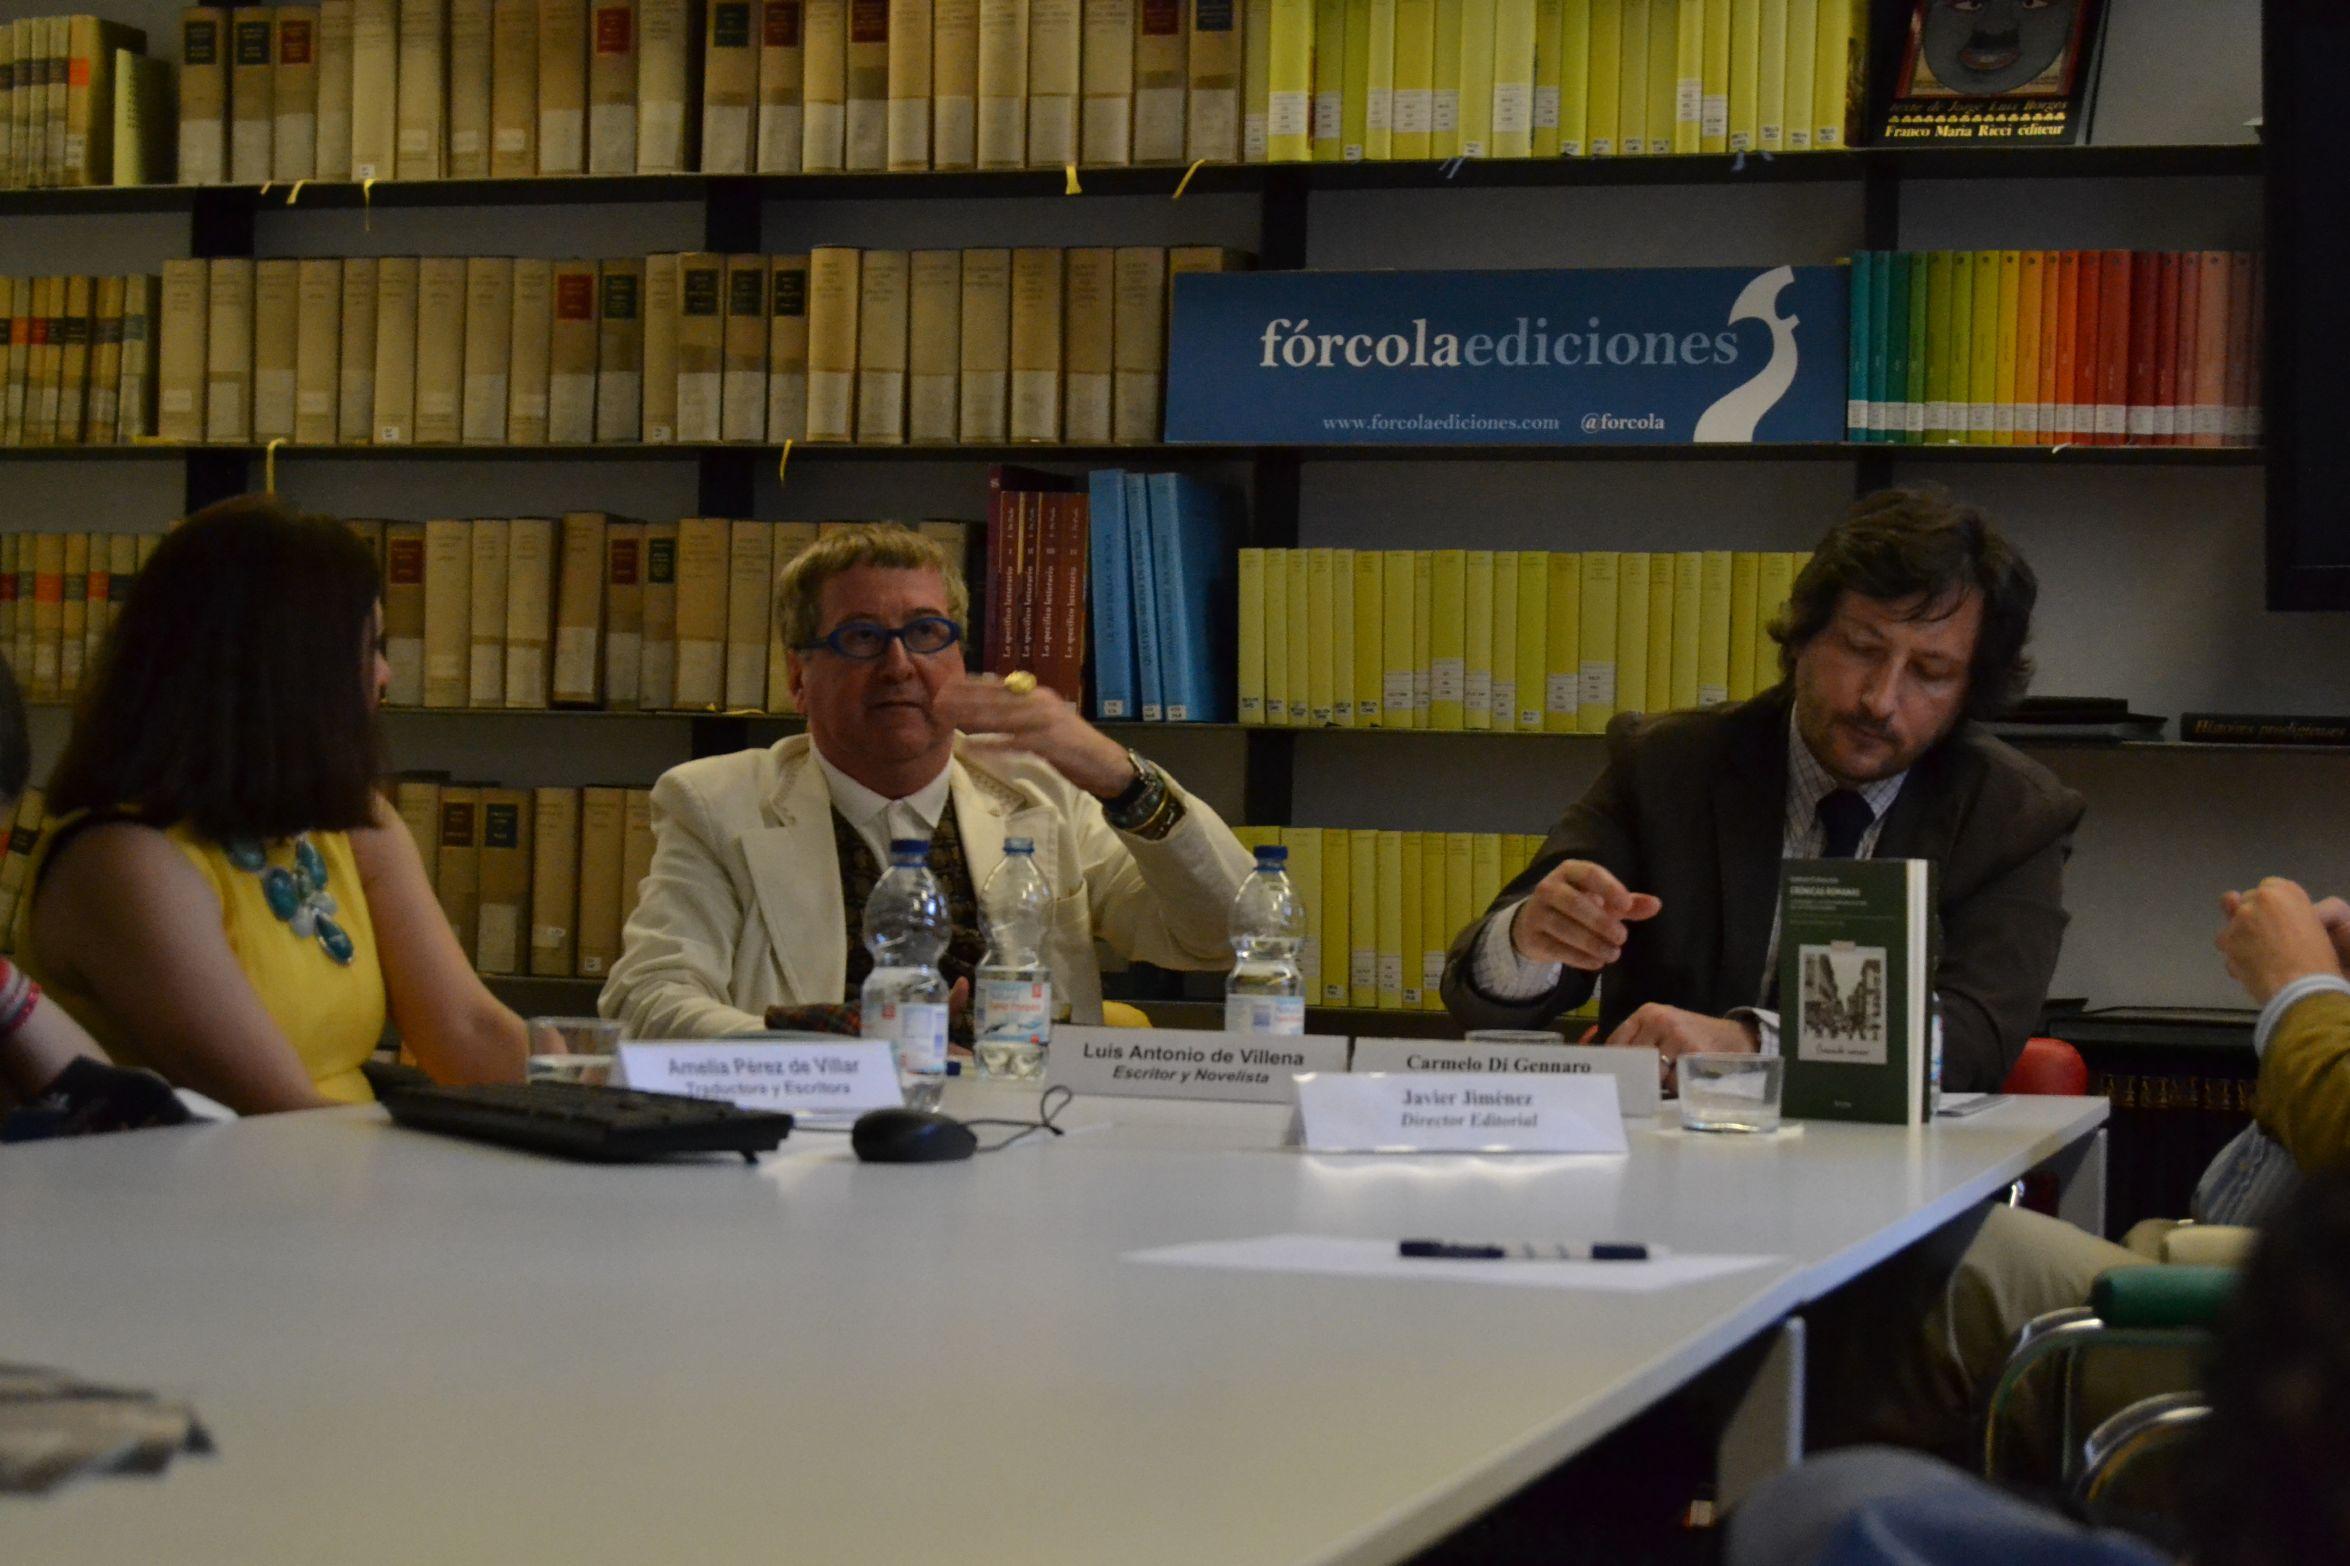 F rcola ediciones encuentro sobre d annunzio en el for Instituto italiano de cultura madrid